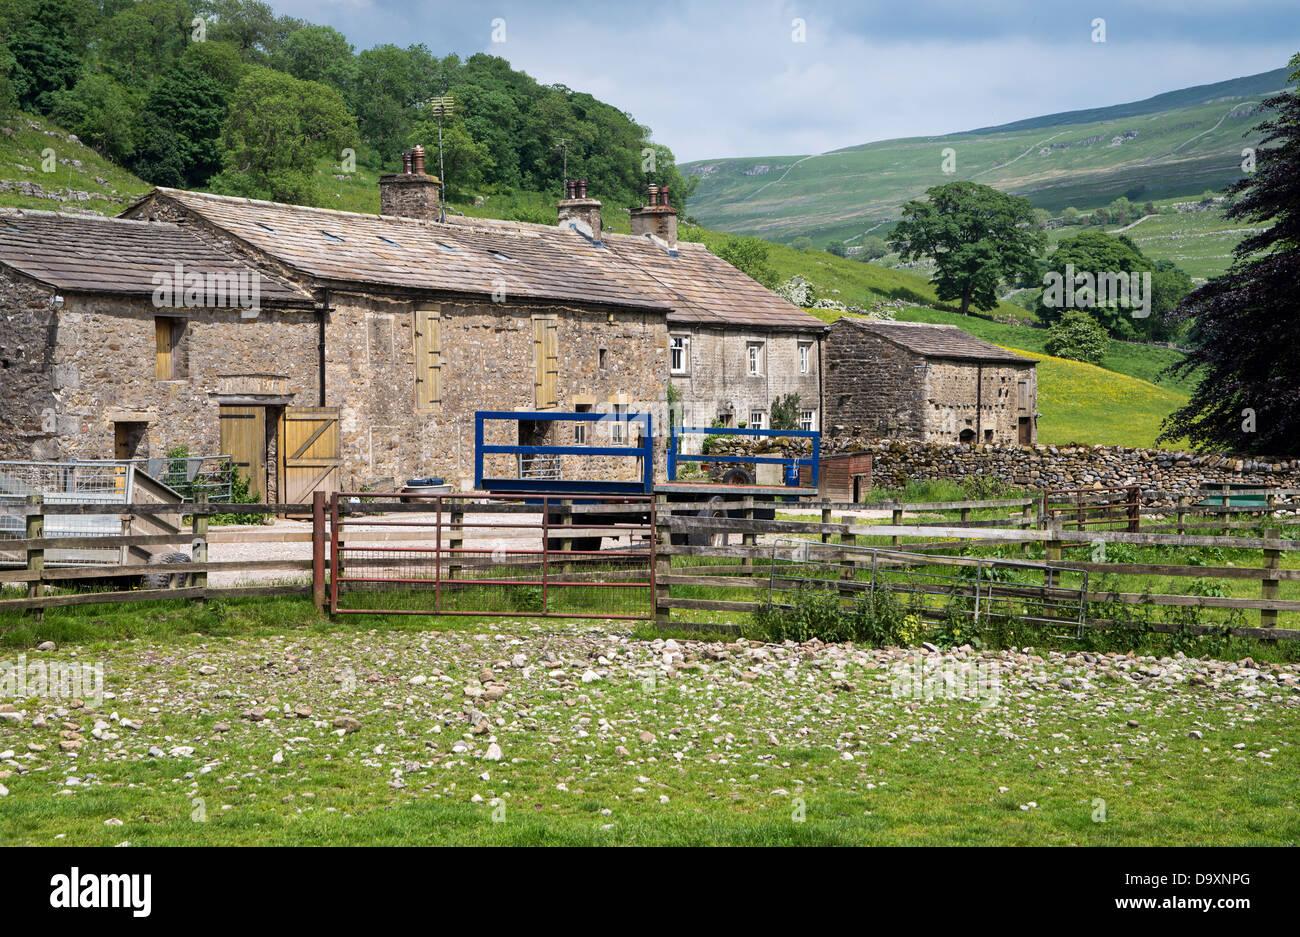 Dales la granja en la pequeña aldea de Hubberholme, Wharfedale, Yorkshire Dales, en el camino Sendero de Larga Distancia Foto de stock